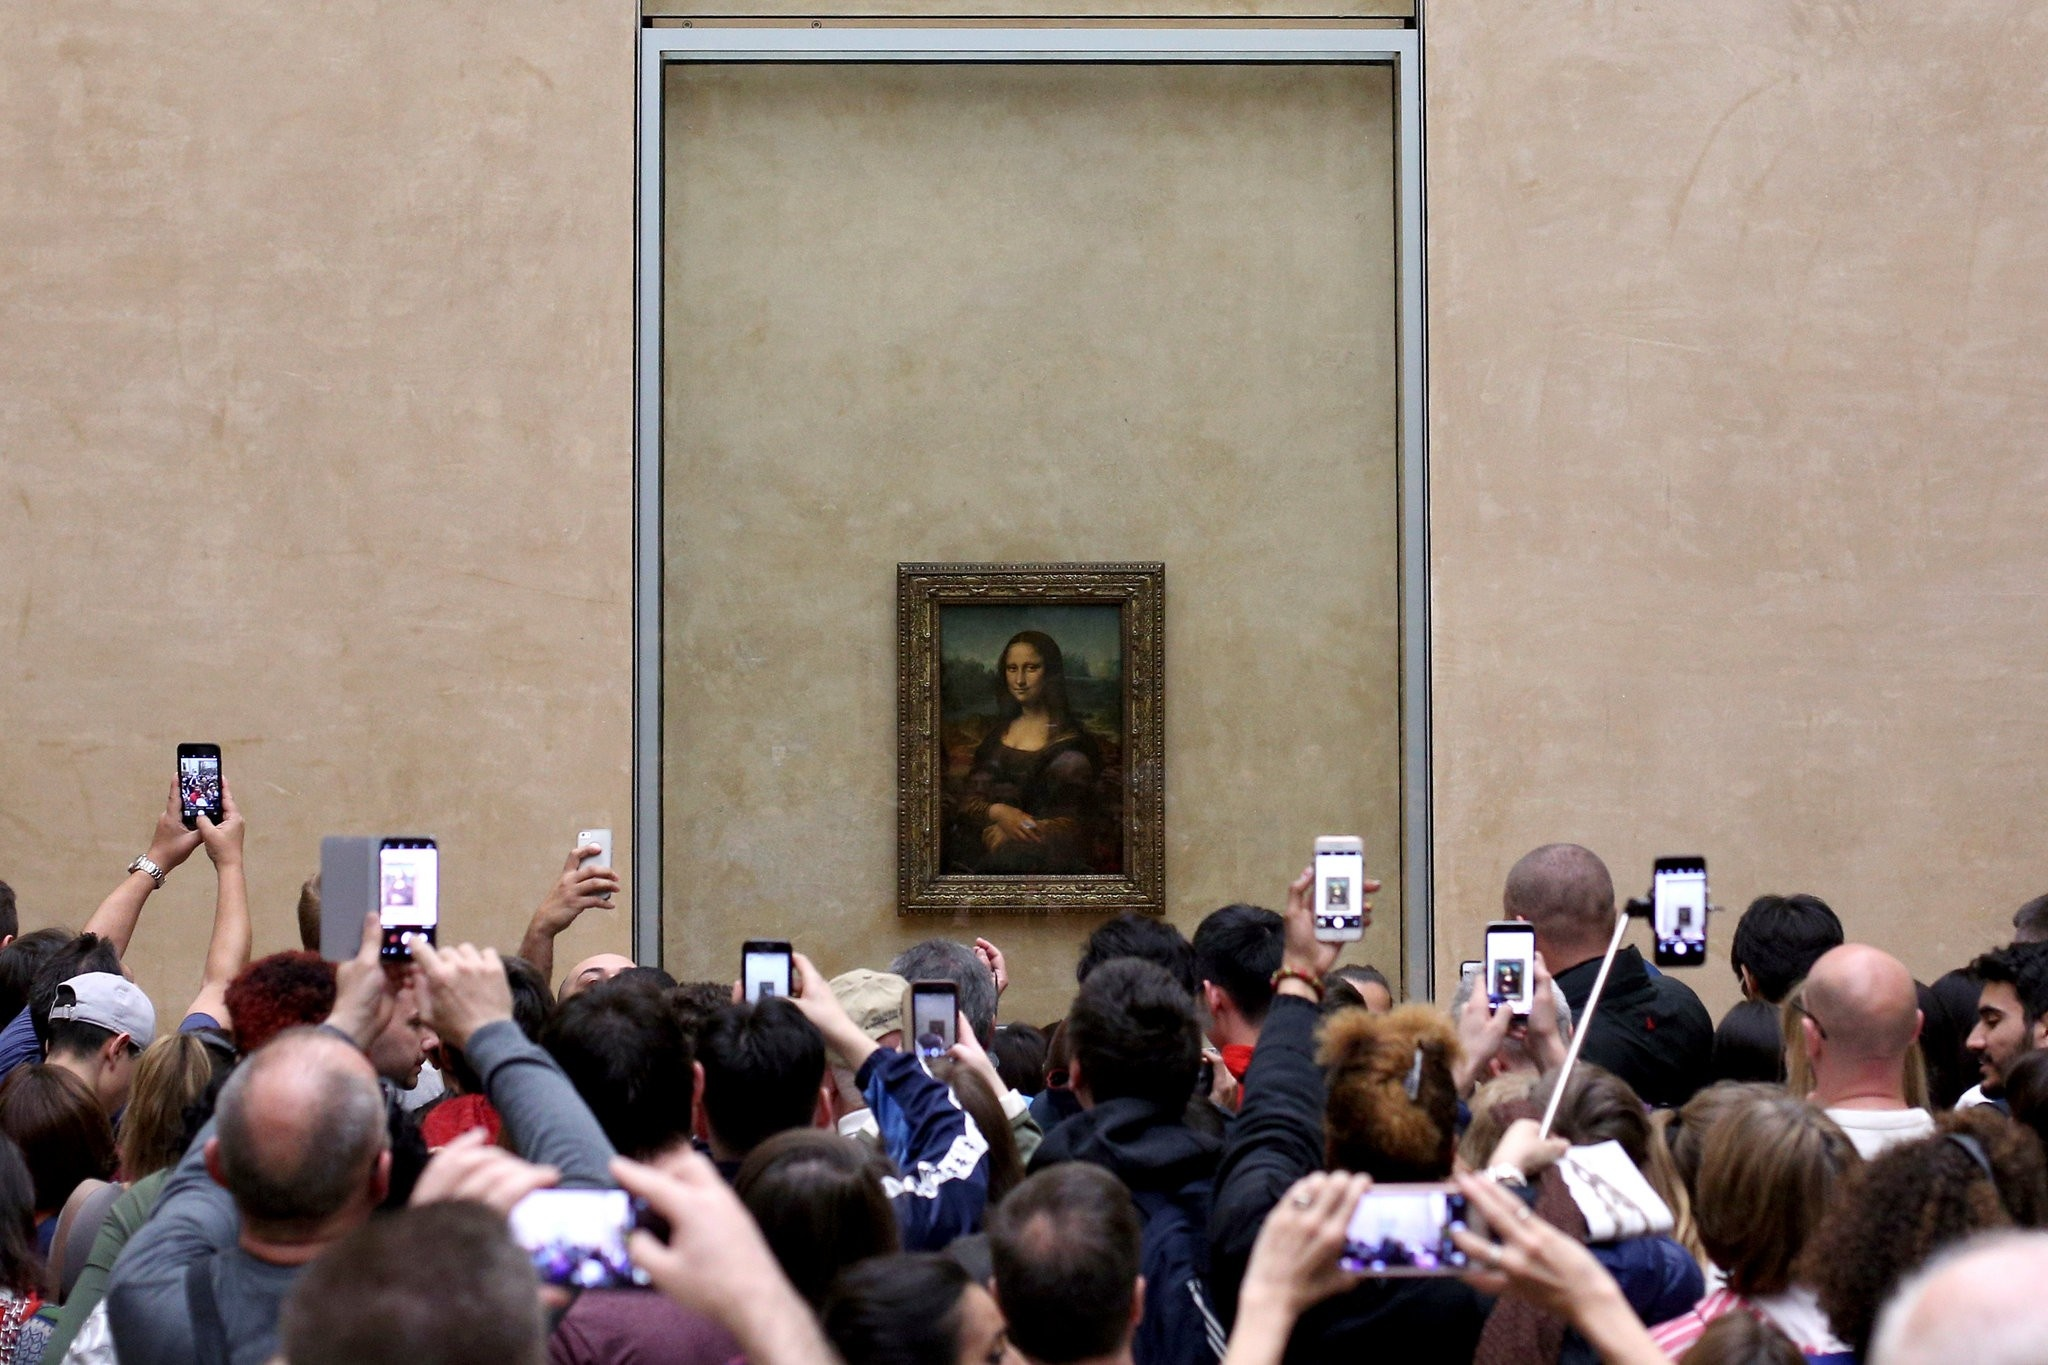 چرا نقاشی مونالیزا انقدر مشهور است؟